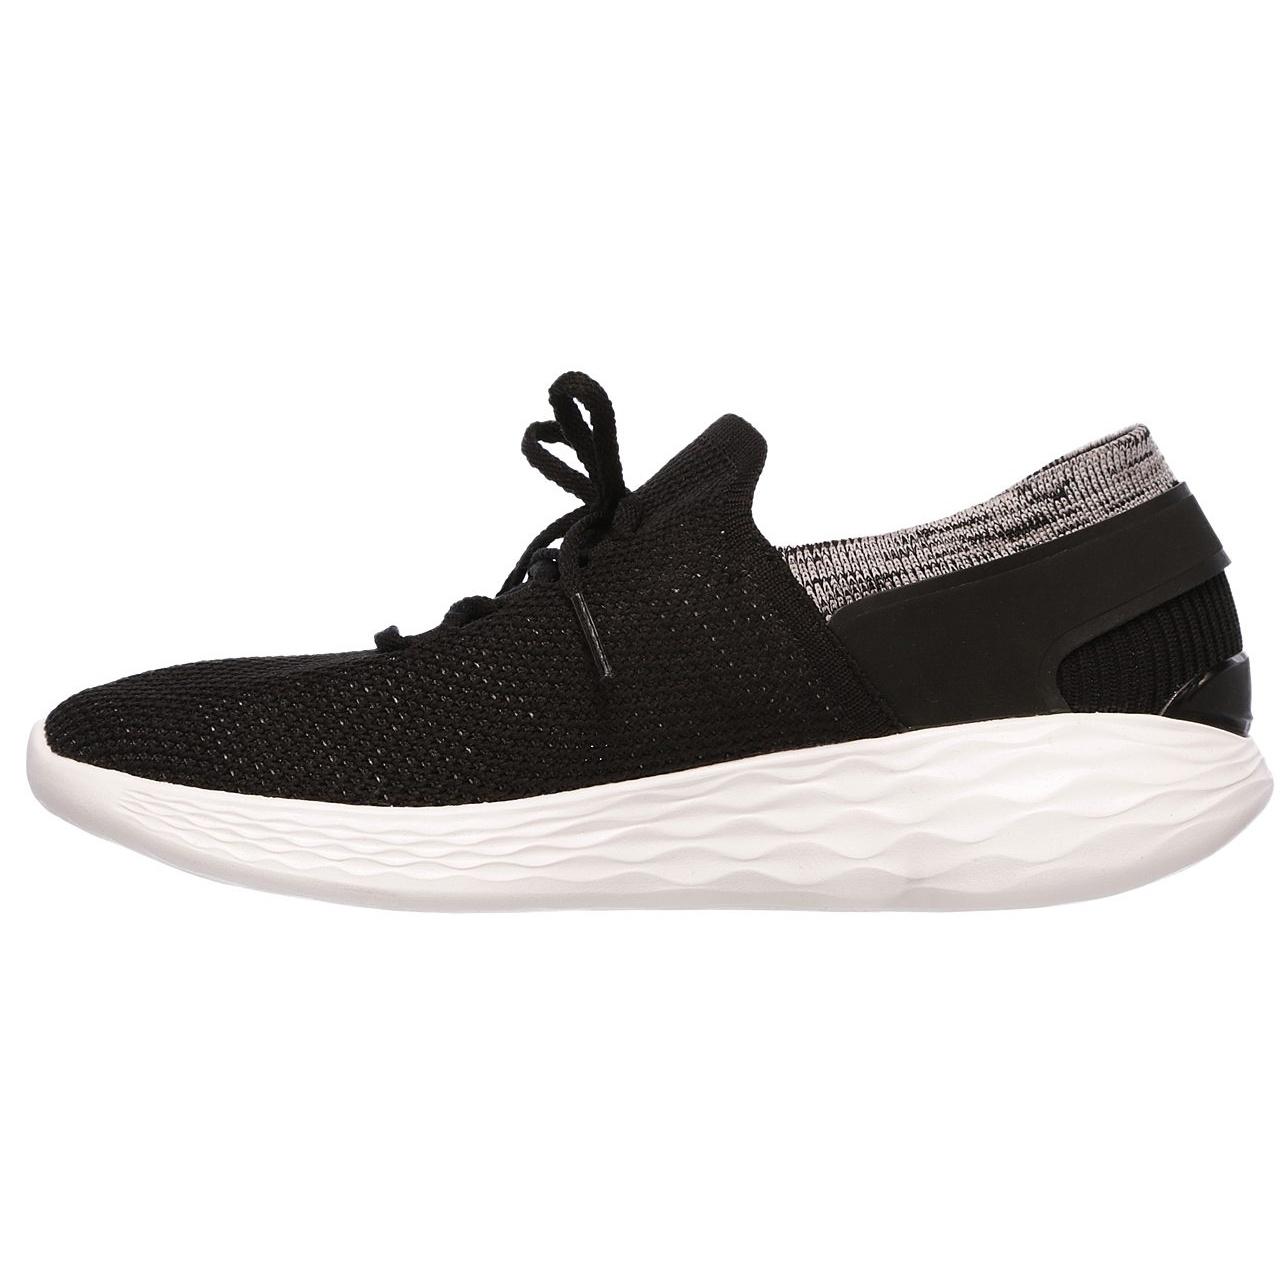 کفش مخصوص پیاده روی زنانه اسکچرز مدل MIRACLE 14960 BKW